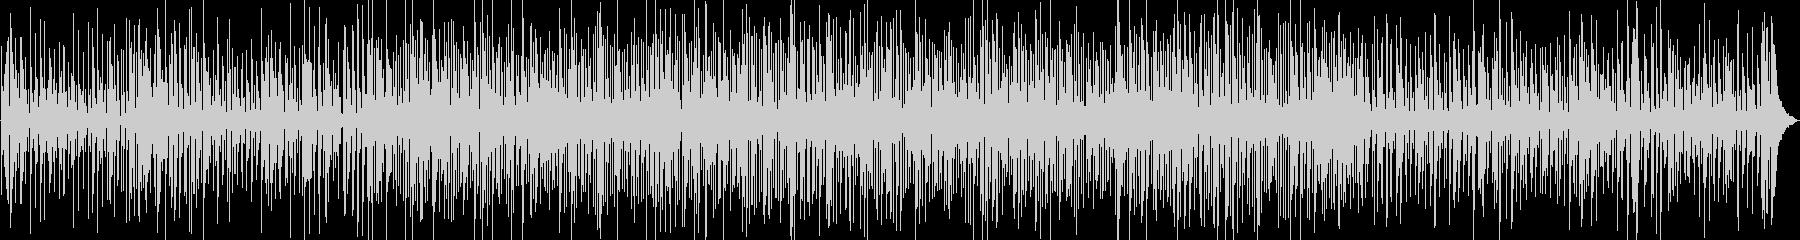 大人セクシーなワインバーのピアノジャズの未再生の波形